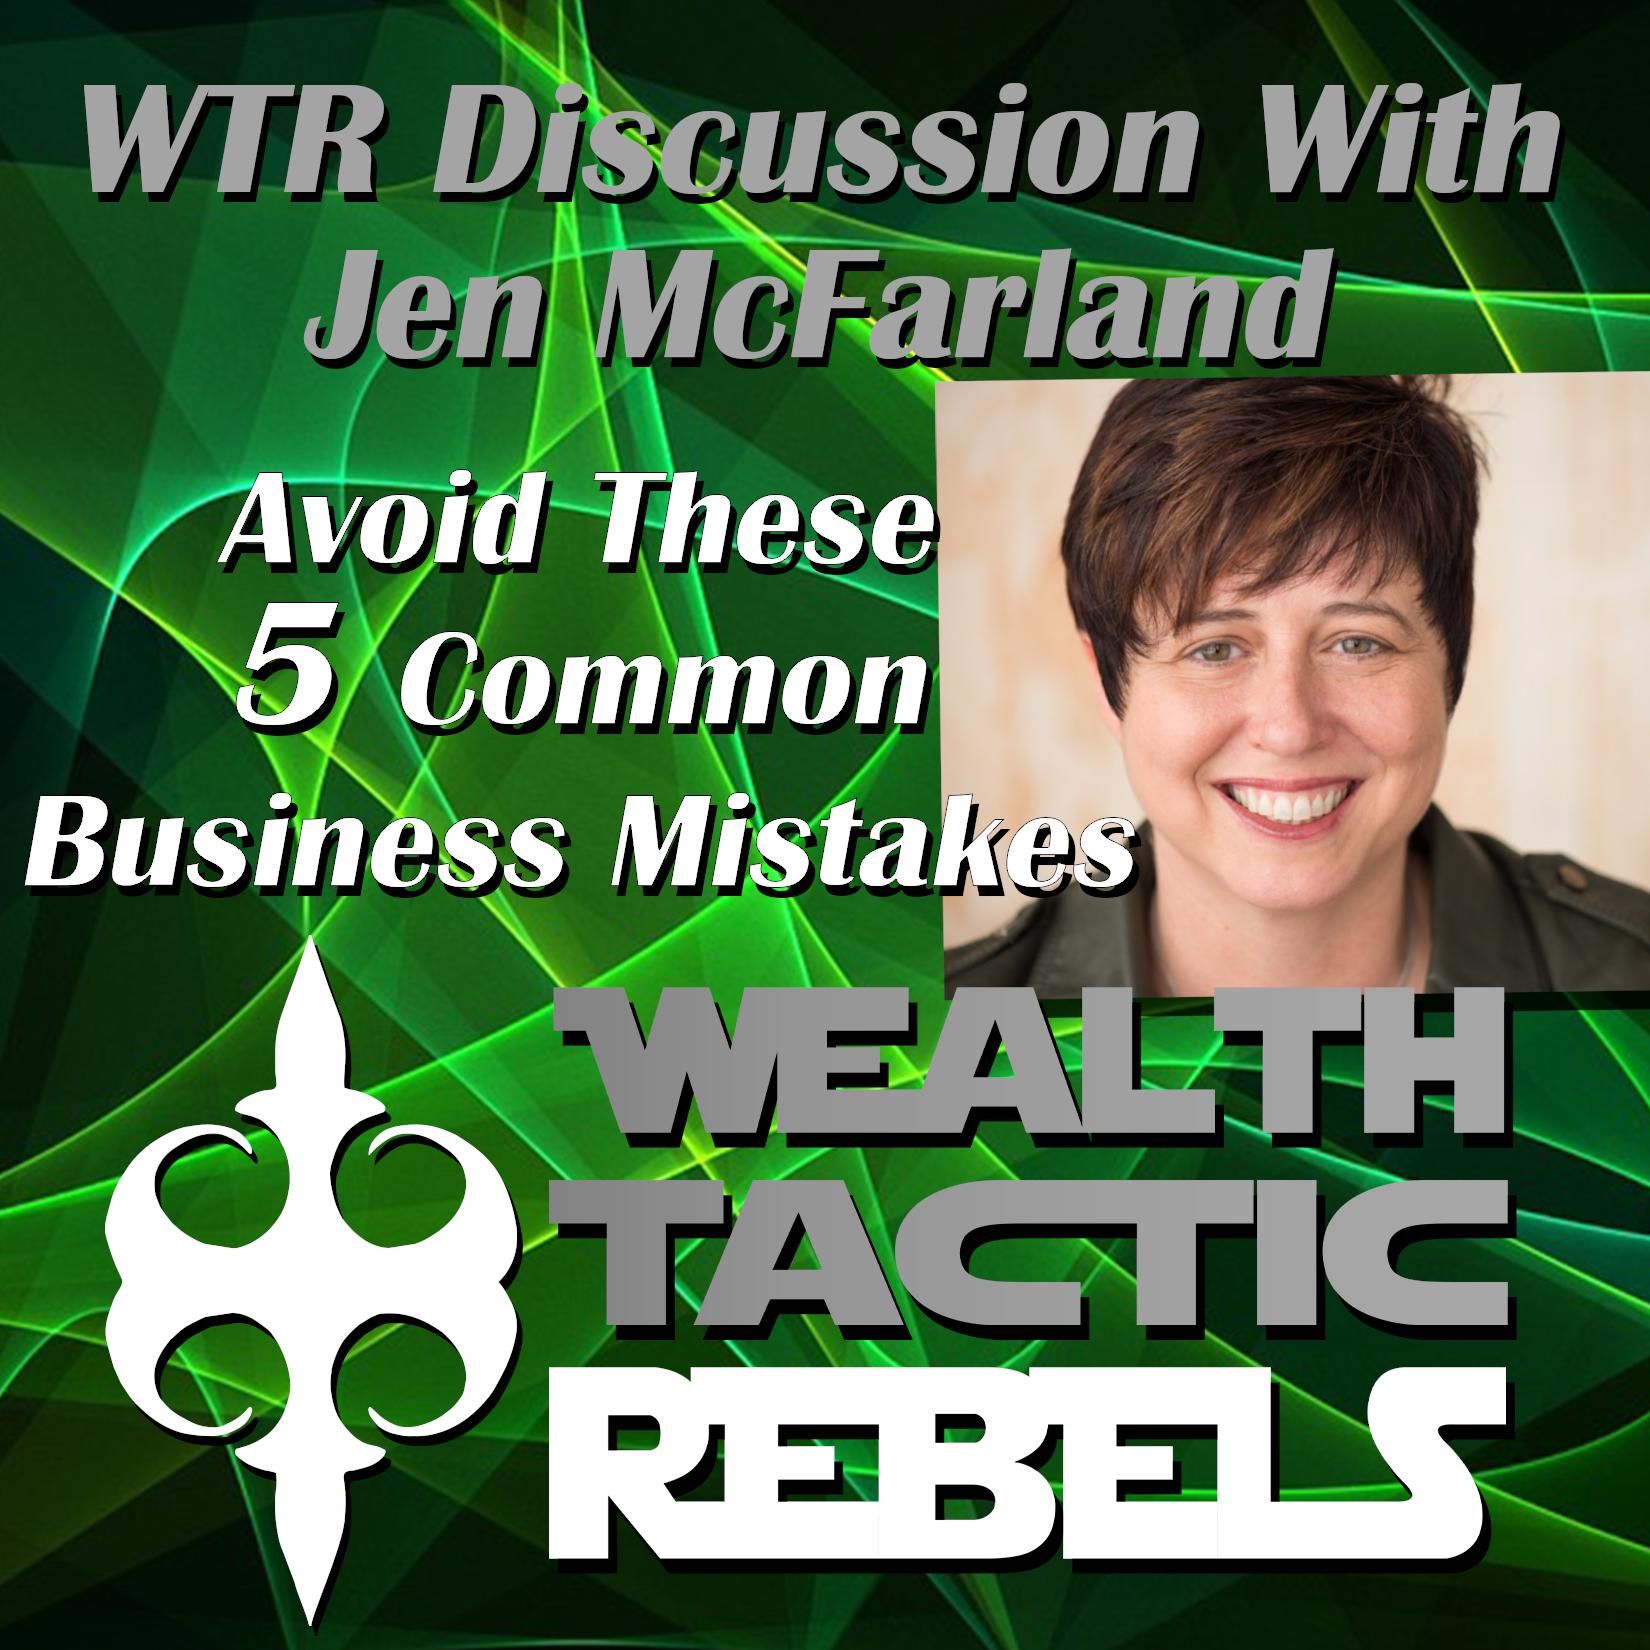 Artwork for podcast Wealth Tactic Rebels